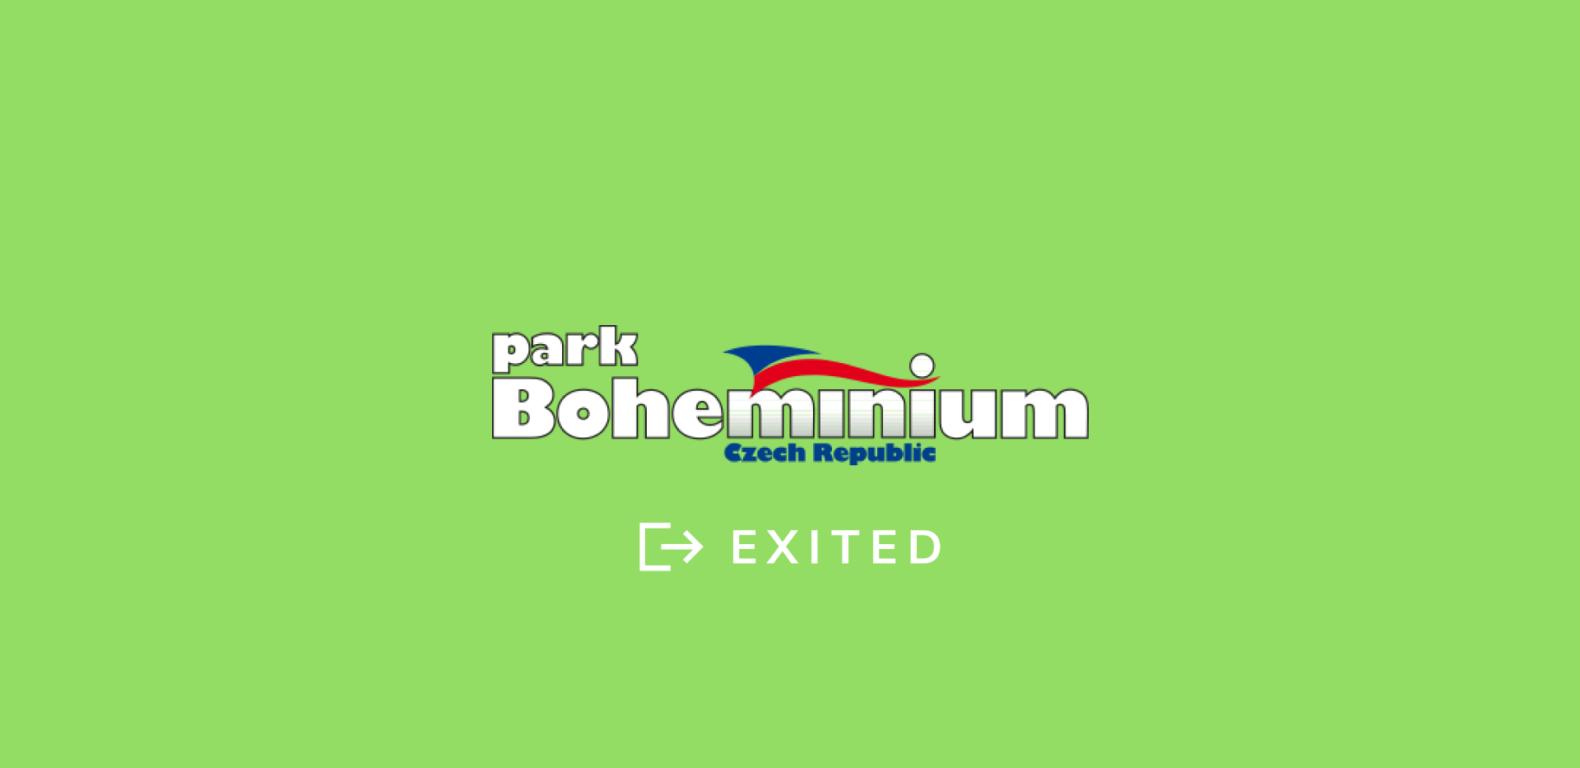 boheminium